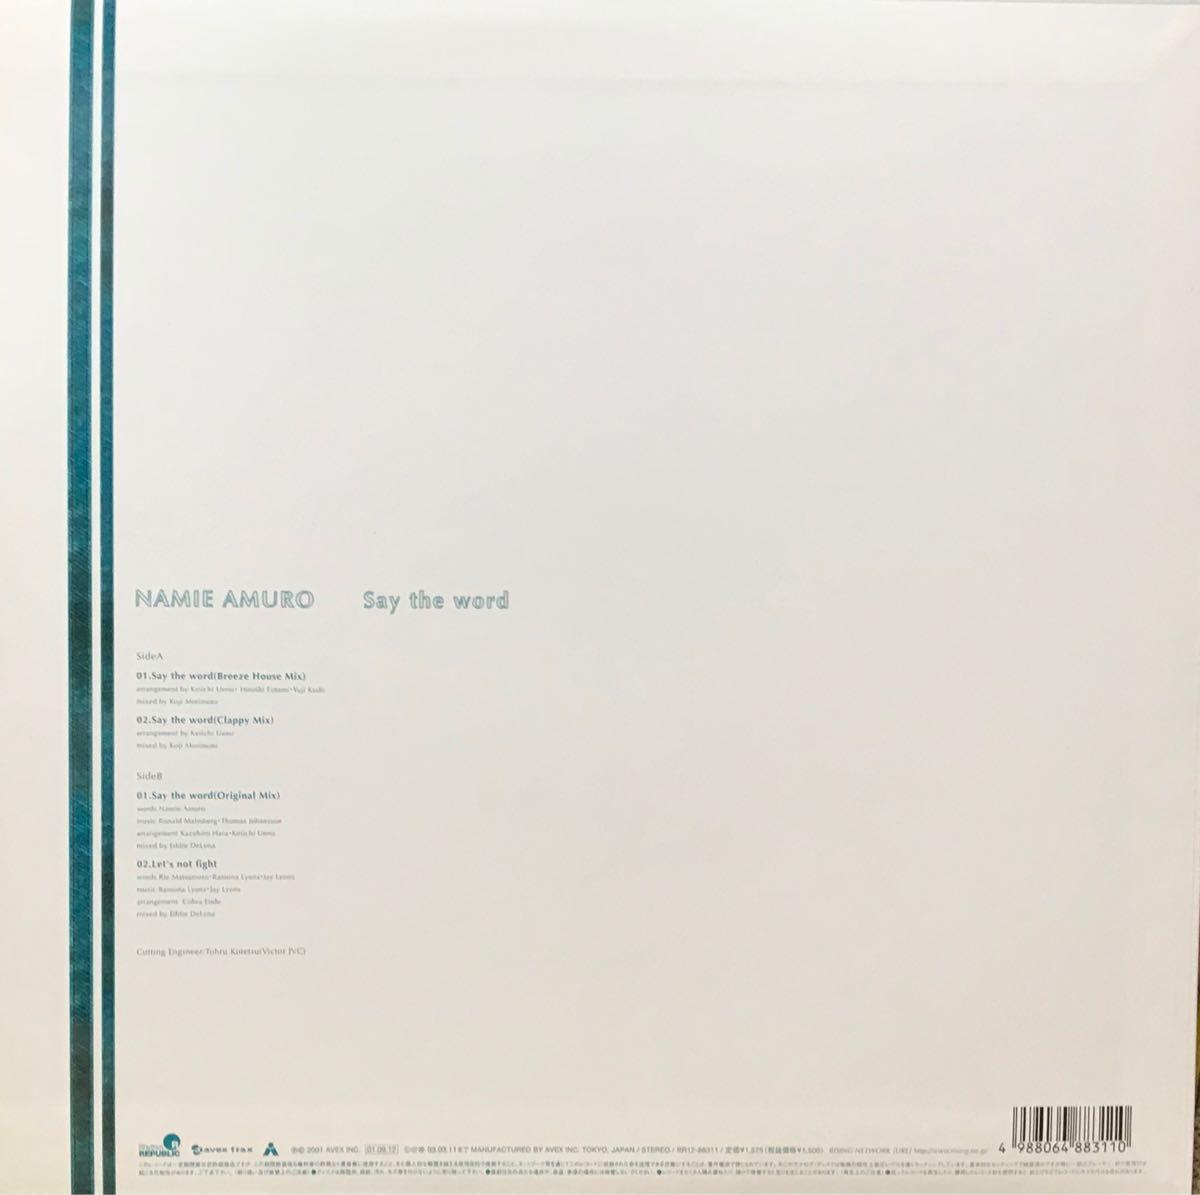 これからどんどんプレミアが上がっていきます。安室奈美恵 エイベックス盤 SAY THE WORD12inchレコード その他にもレア盤多数出品中_画像2